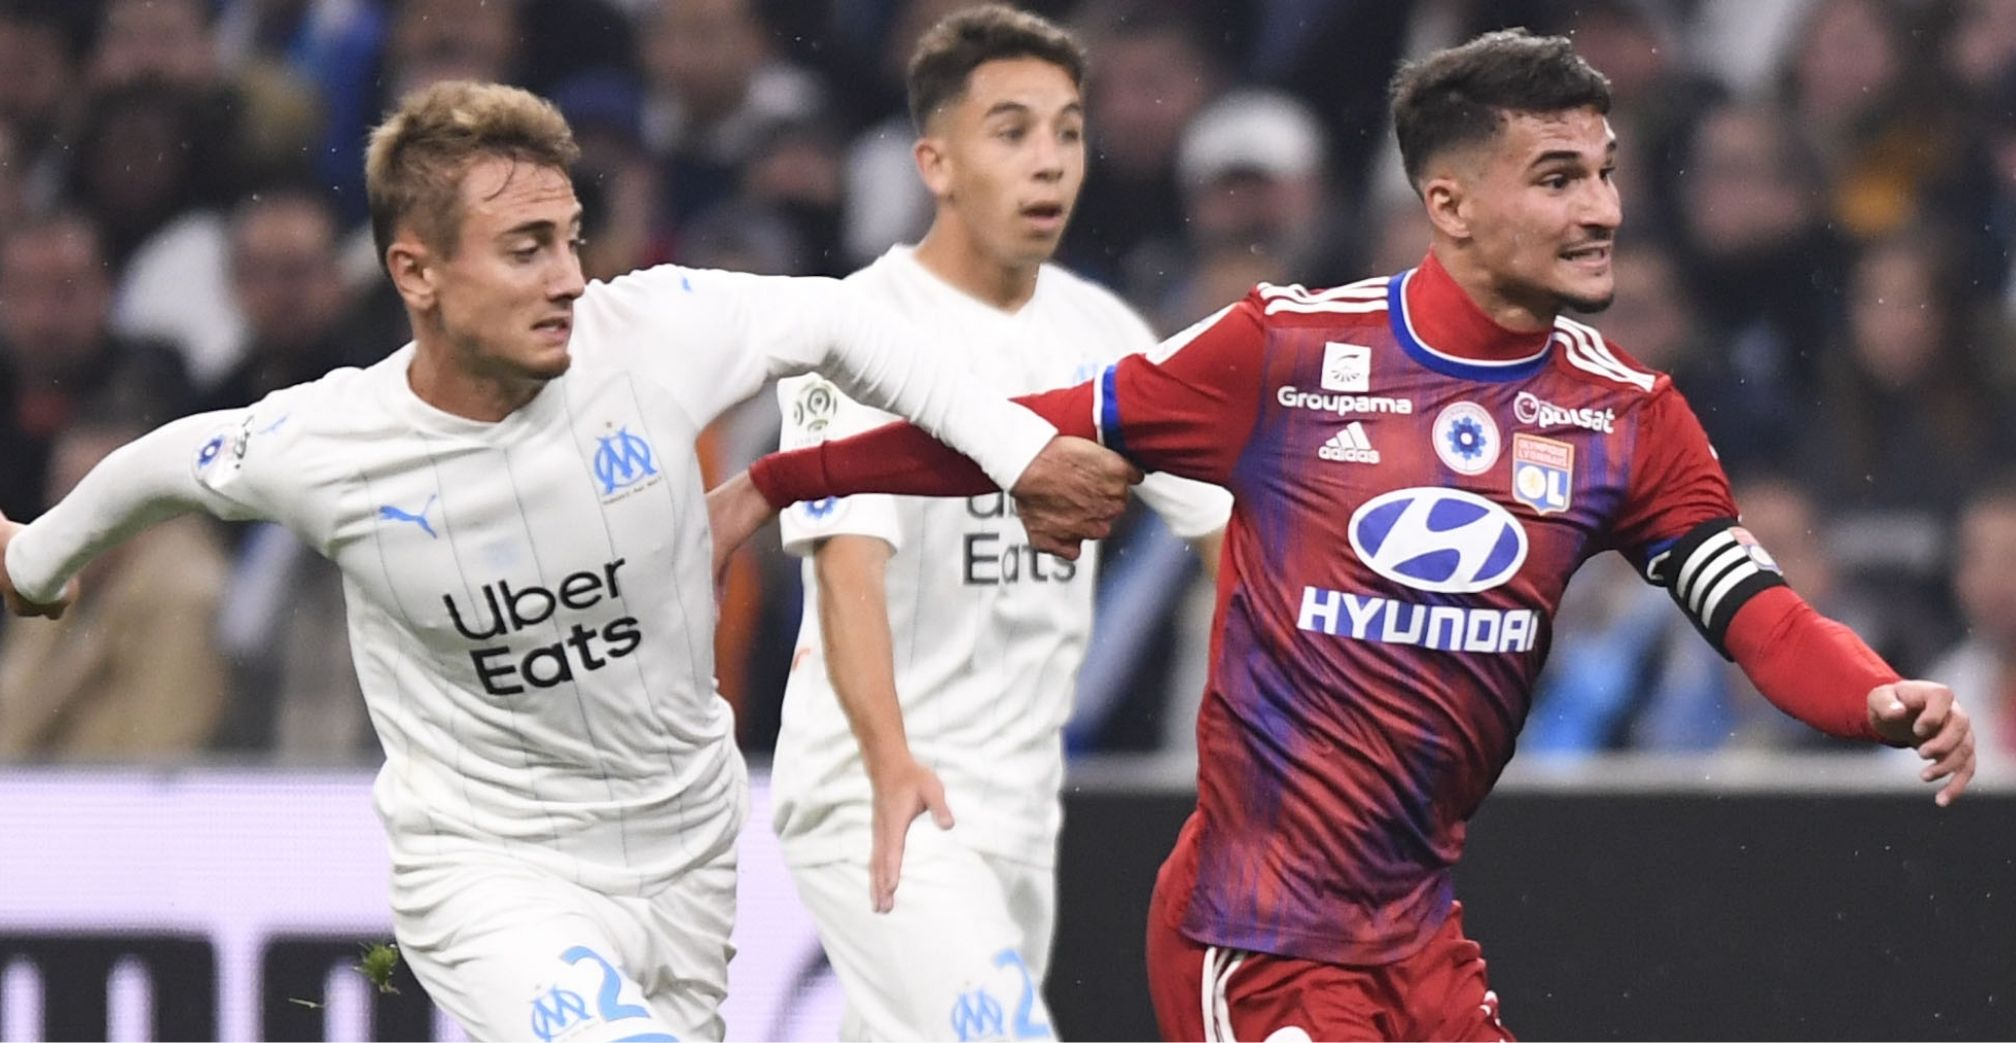 https://www.ligue1.com/-/media/Project/LFP/Ligue1-COM/Images/Articles-Assests/2020/10/01/Desktop_1920_UK_L1_Marseille_Lyon_Rongier_Aouar.jpg